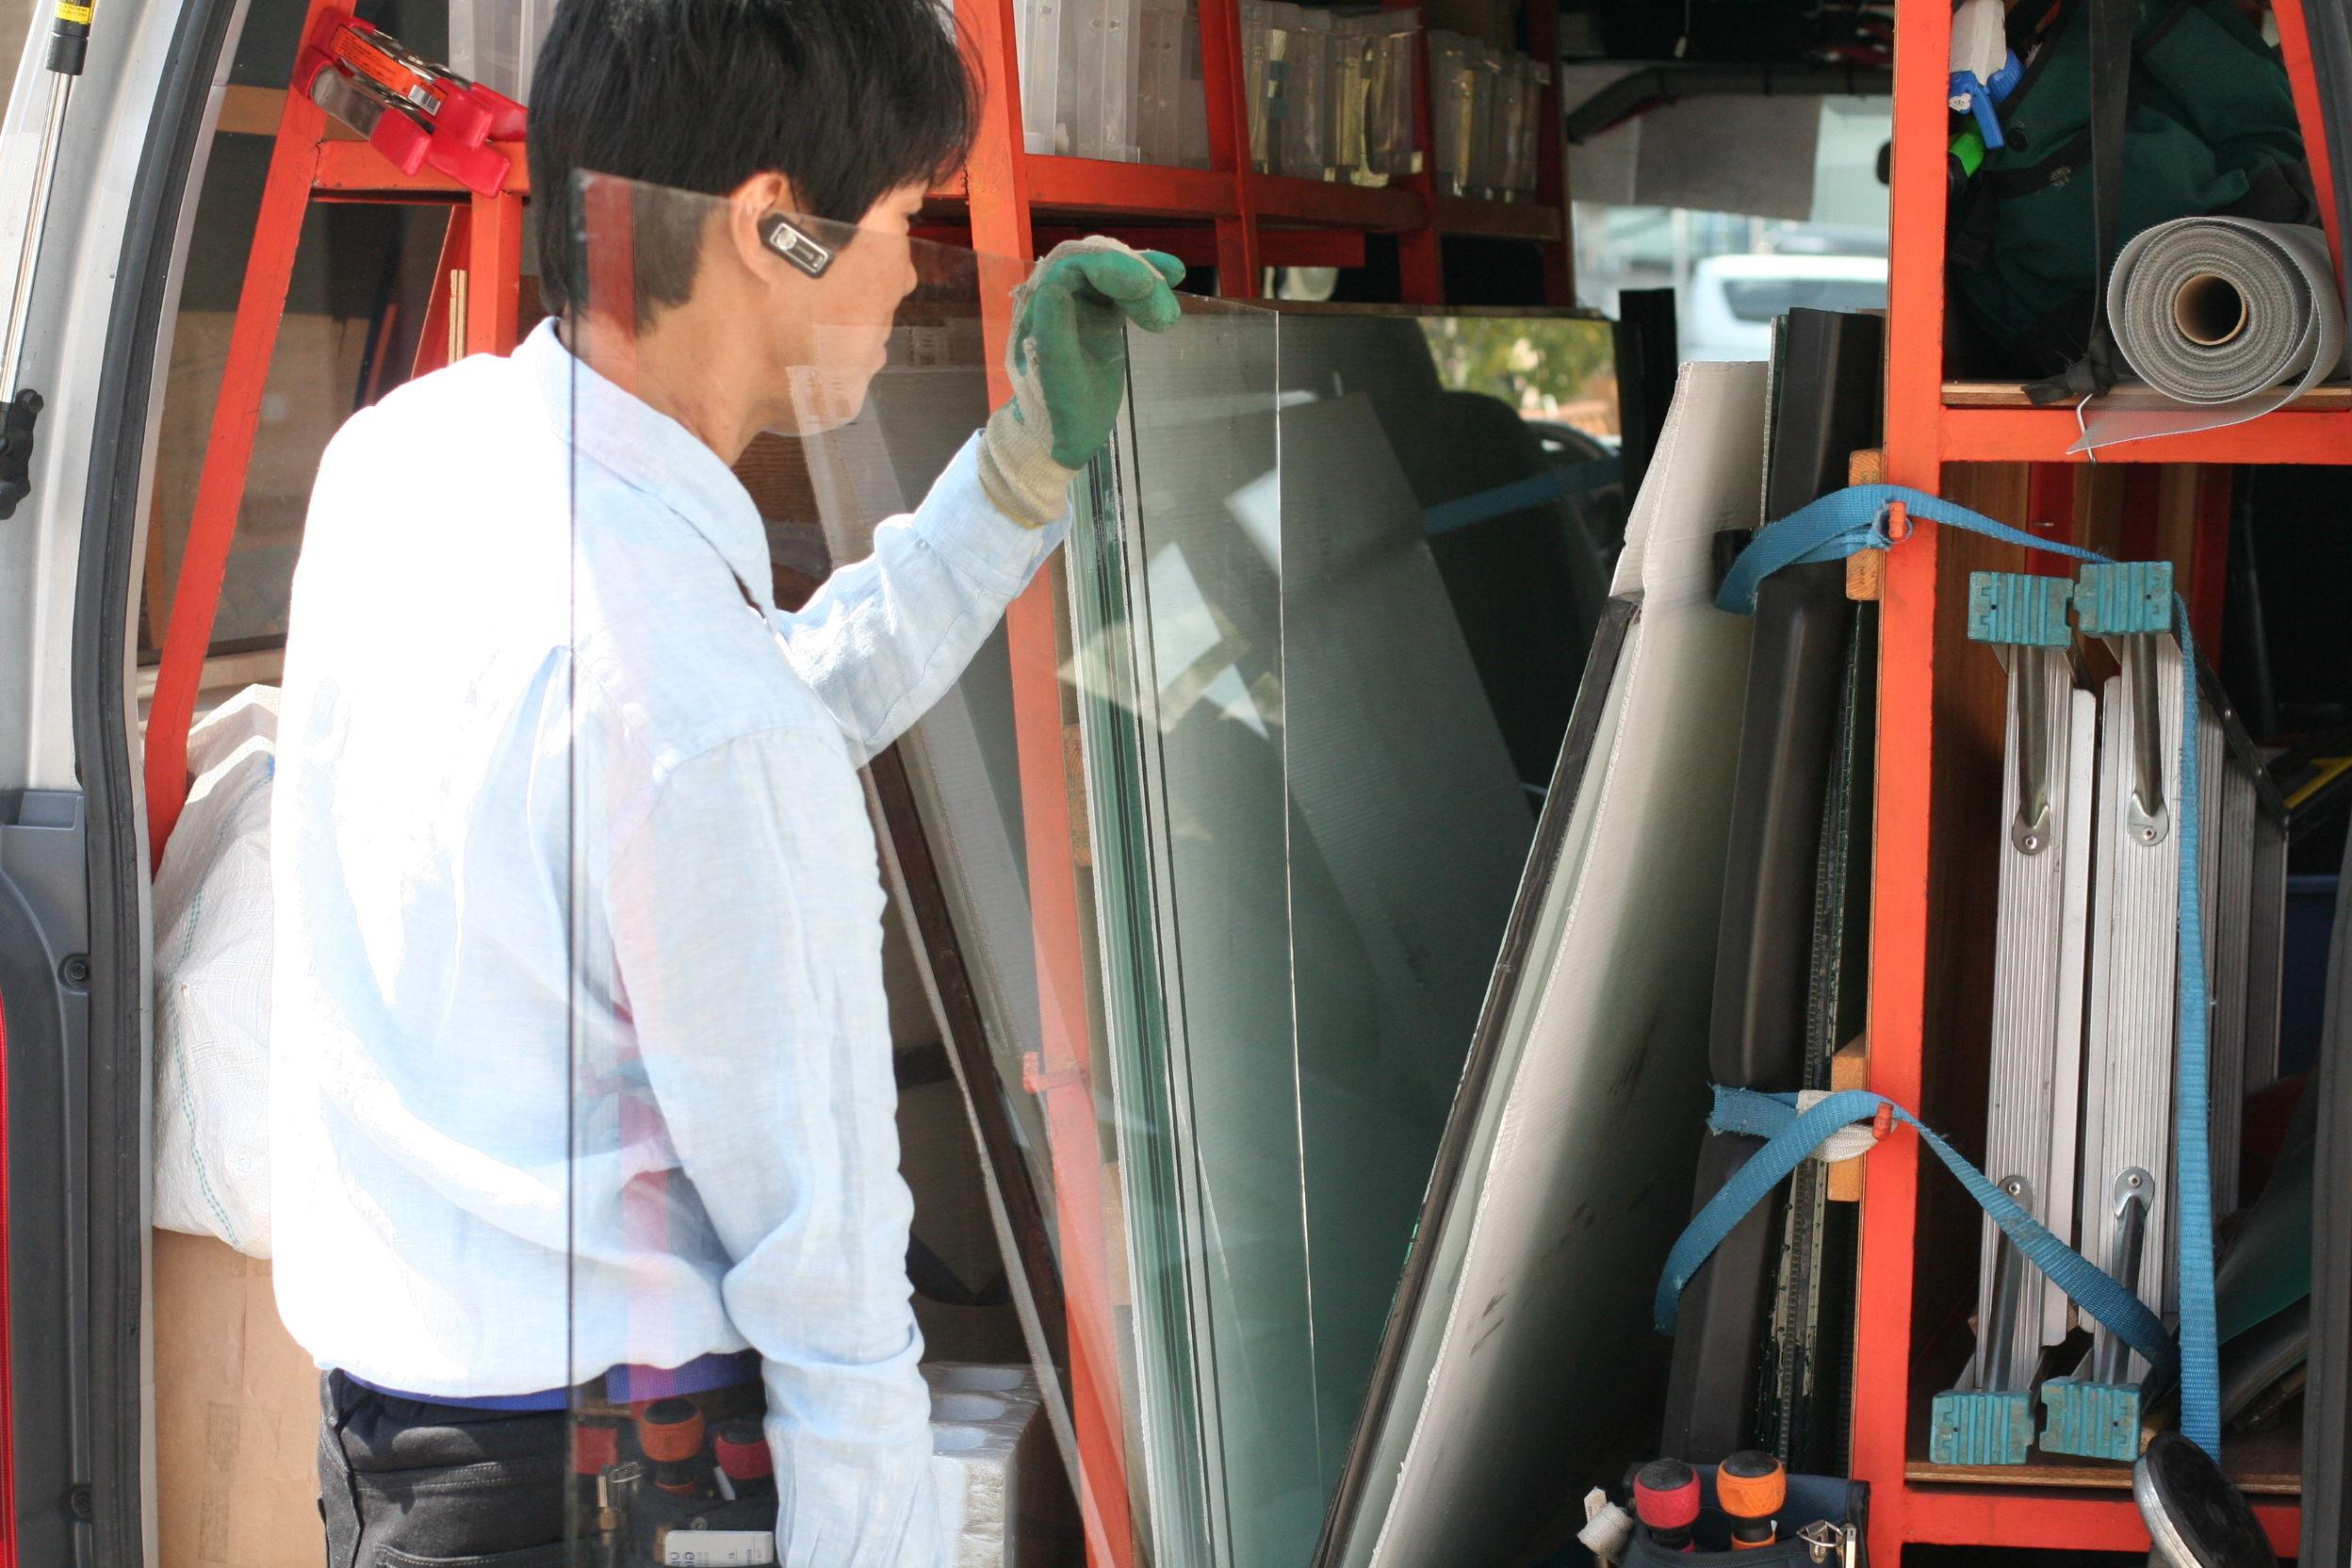 ガラスのトラブル救Q隊.24【富士市 出張エリア】の店内・外観画像4